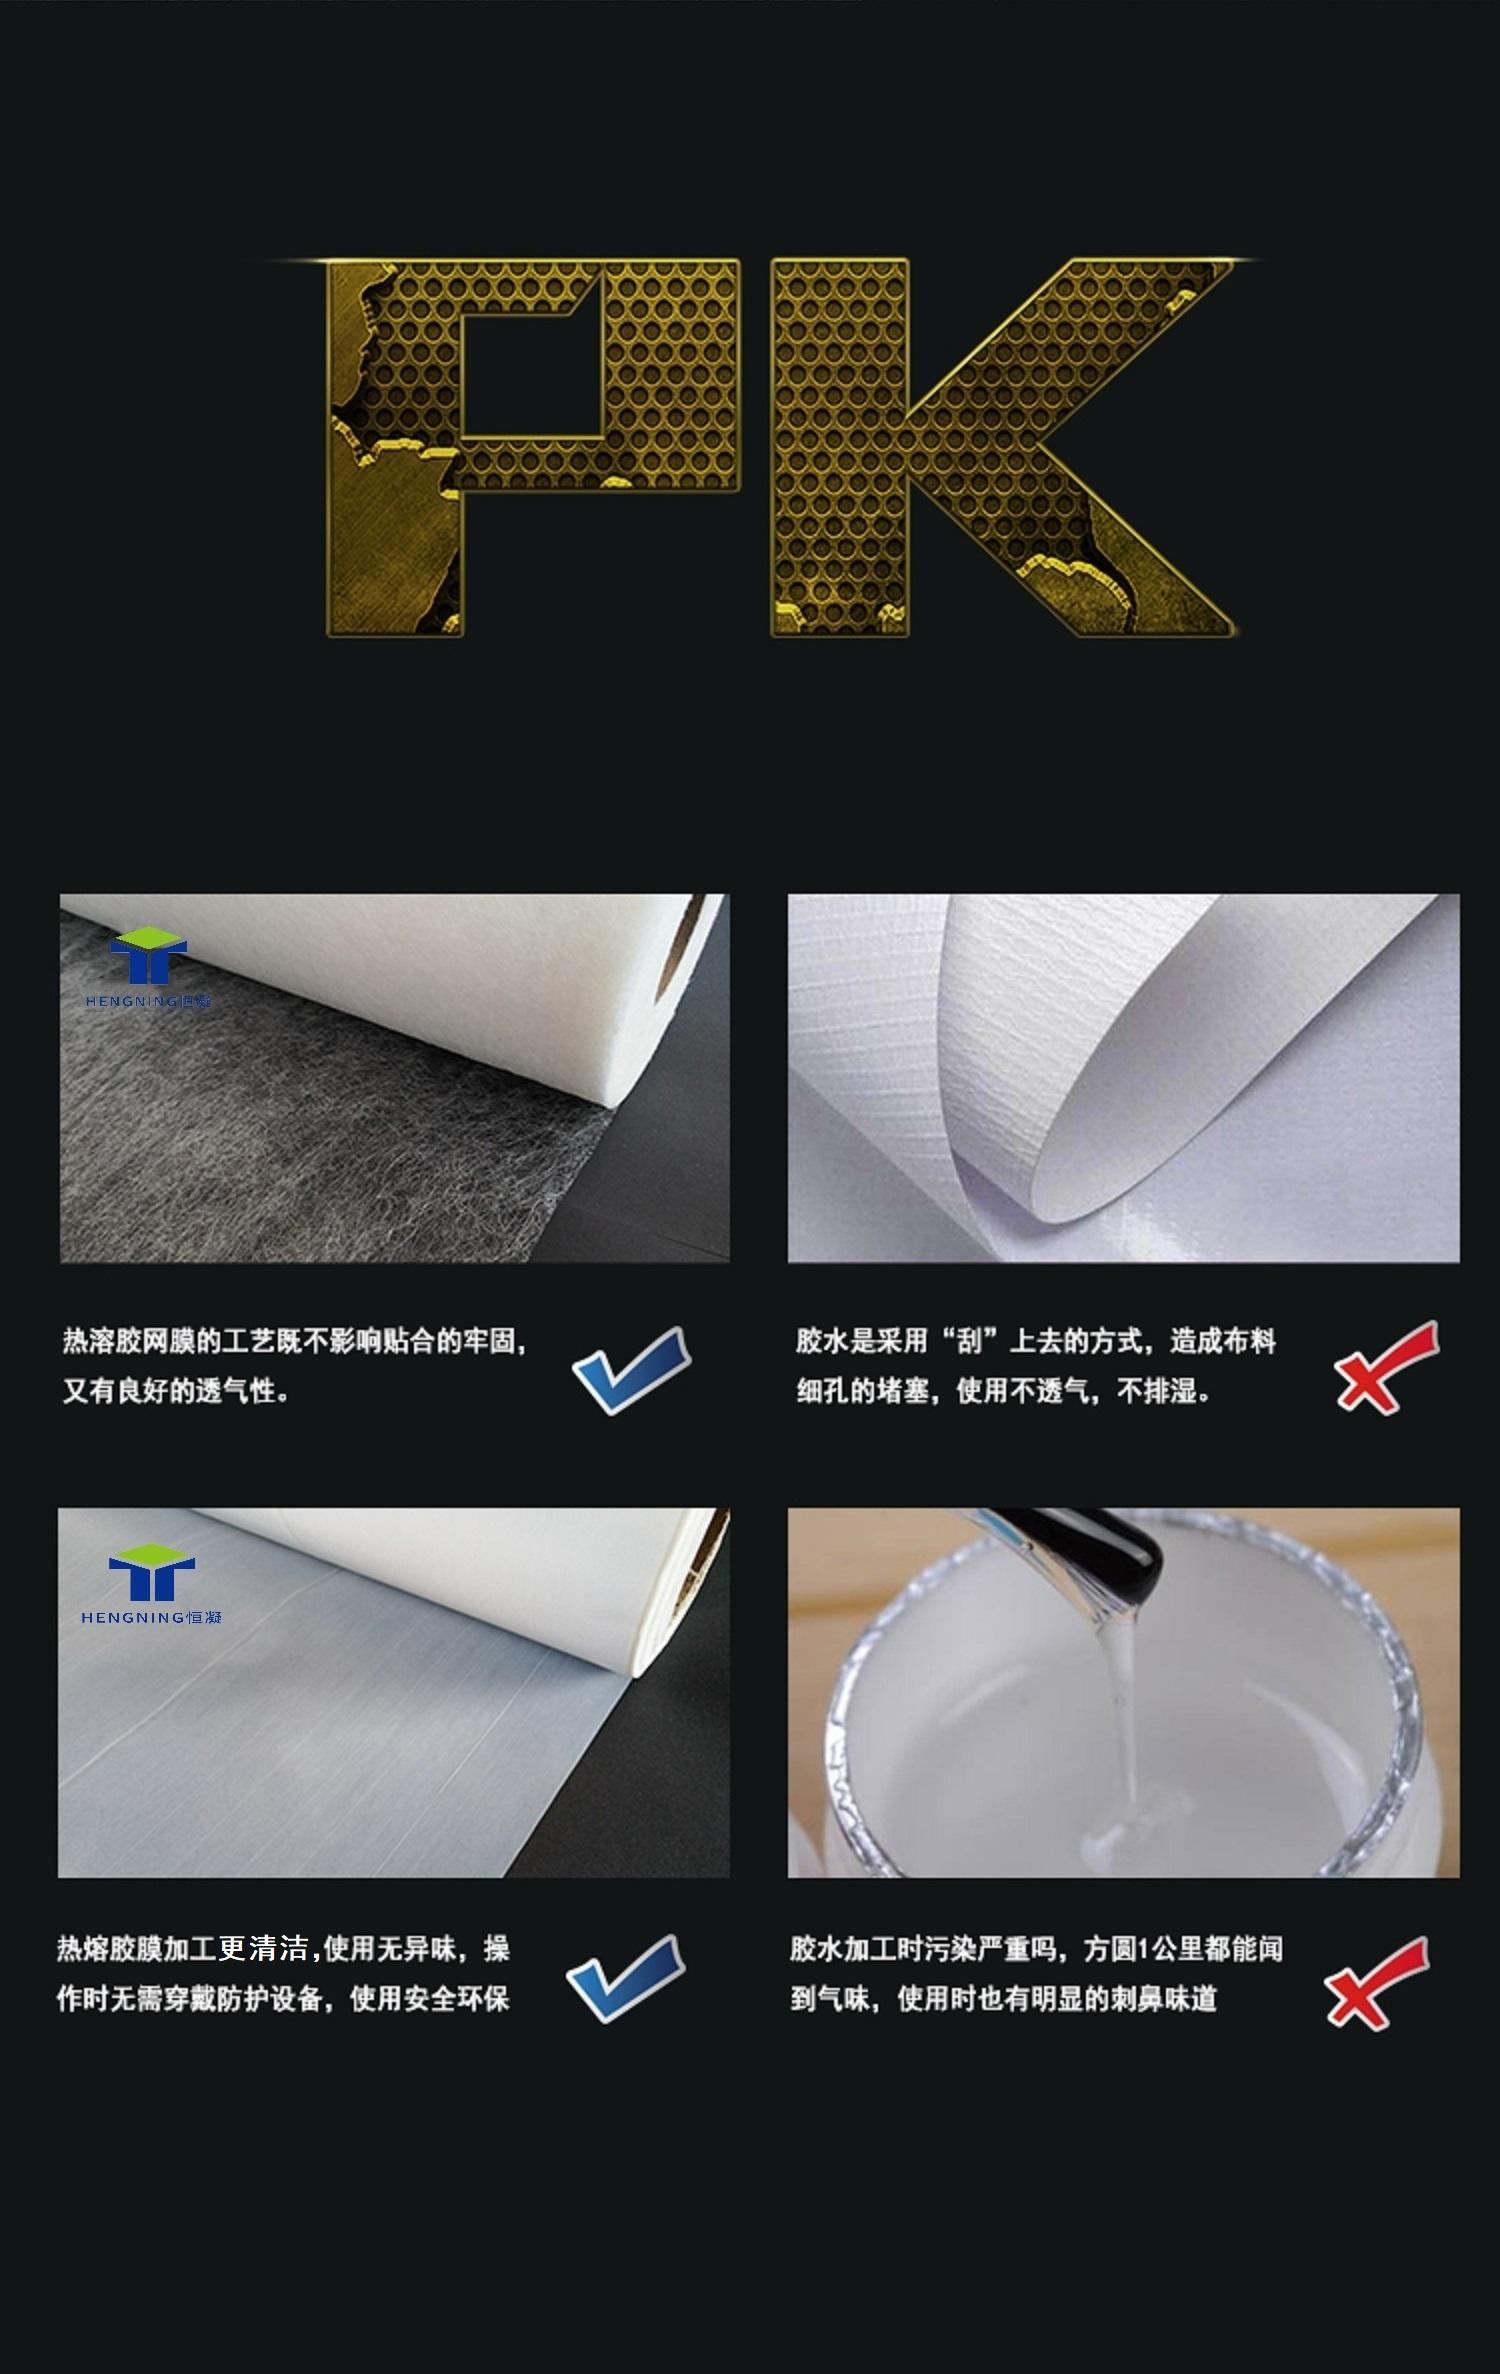 eva型热熔胶_热熔胶膜热熔胶膜厂家热熔胶膜生产厂家,热熔胶膜,热熔胶膜